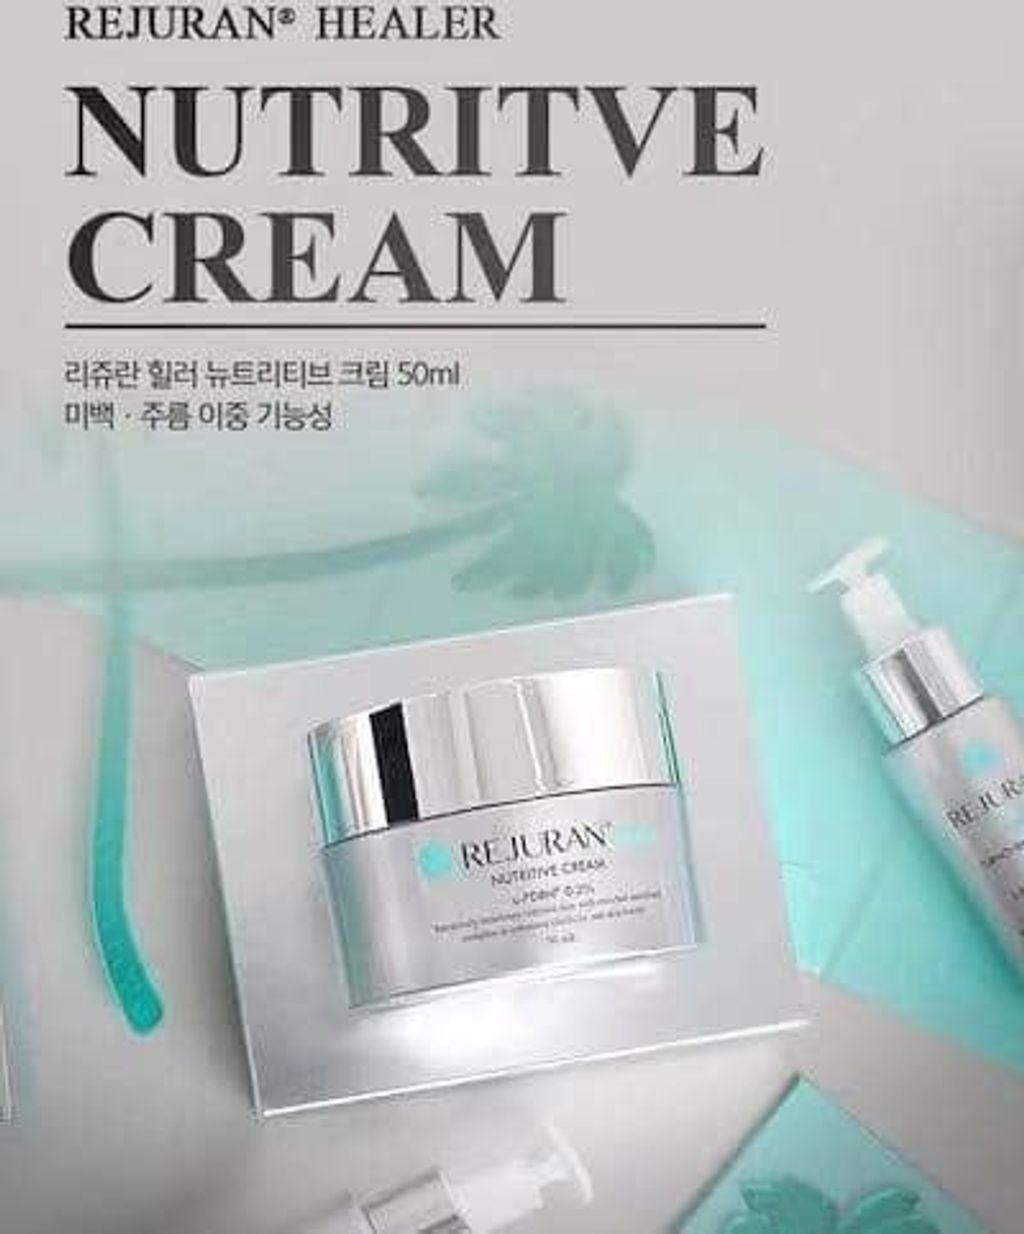 JuzBeauty_JuzBeautyMalaysia_Authentic_Kbeauty_Rejuran_Healer_Nutritive_Cream_2.jpg